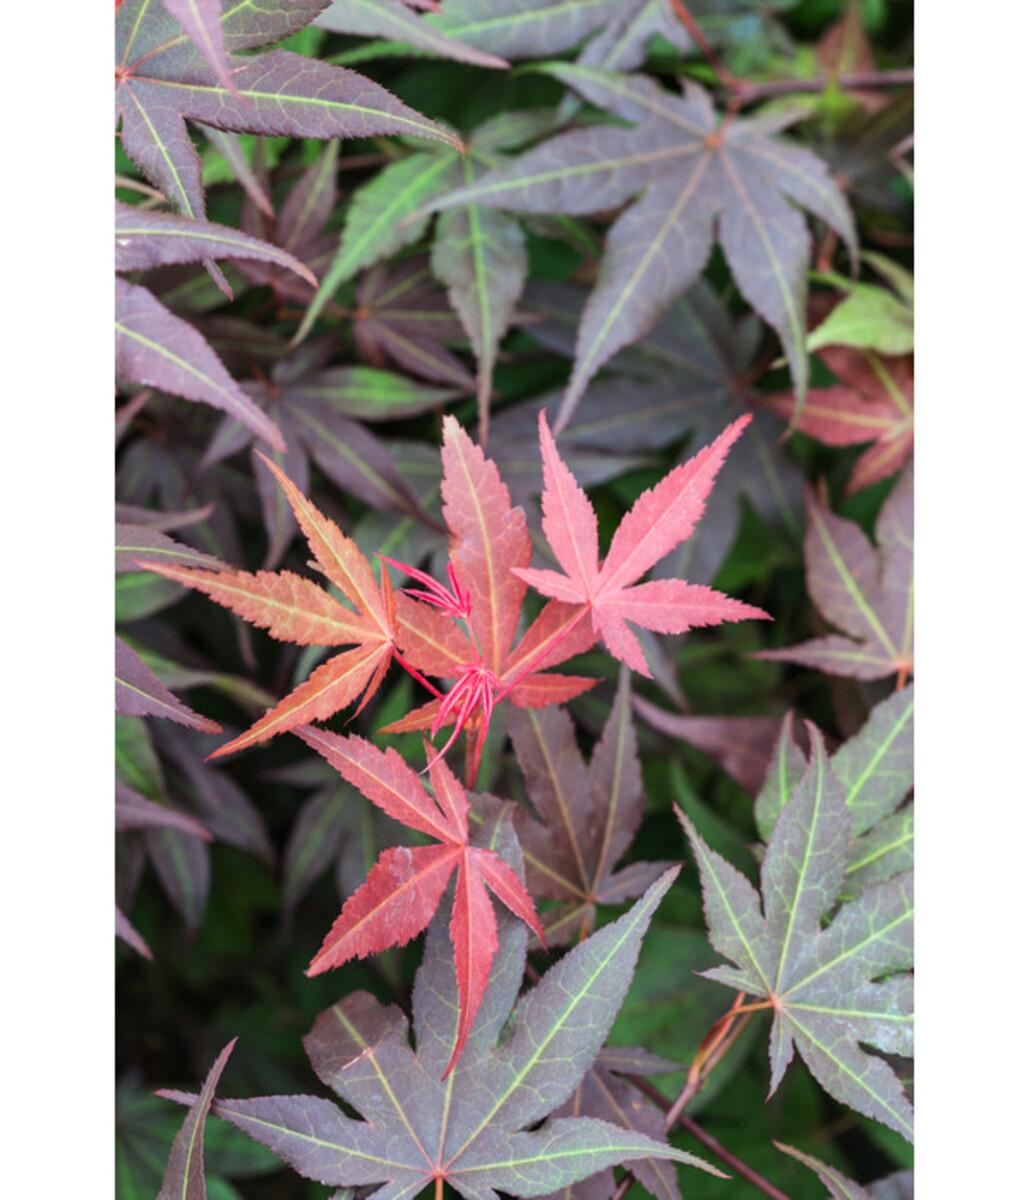 Bild 4 von Roter Fächer-Ahorn 'Atropurpureum'